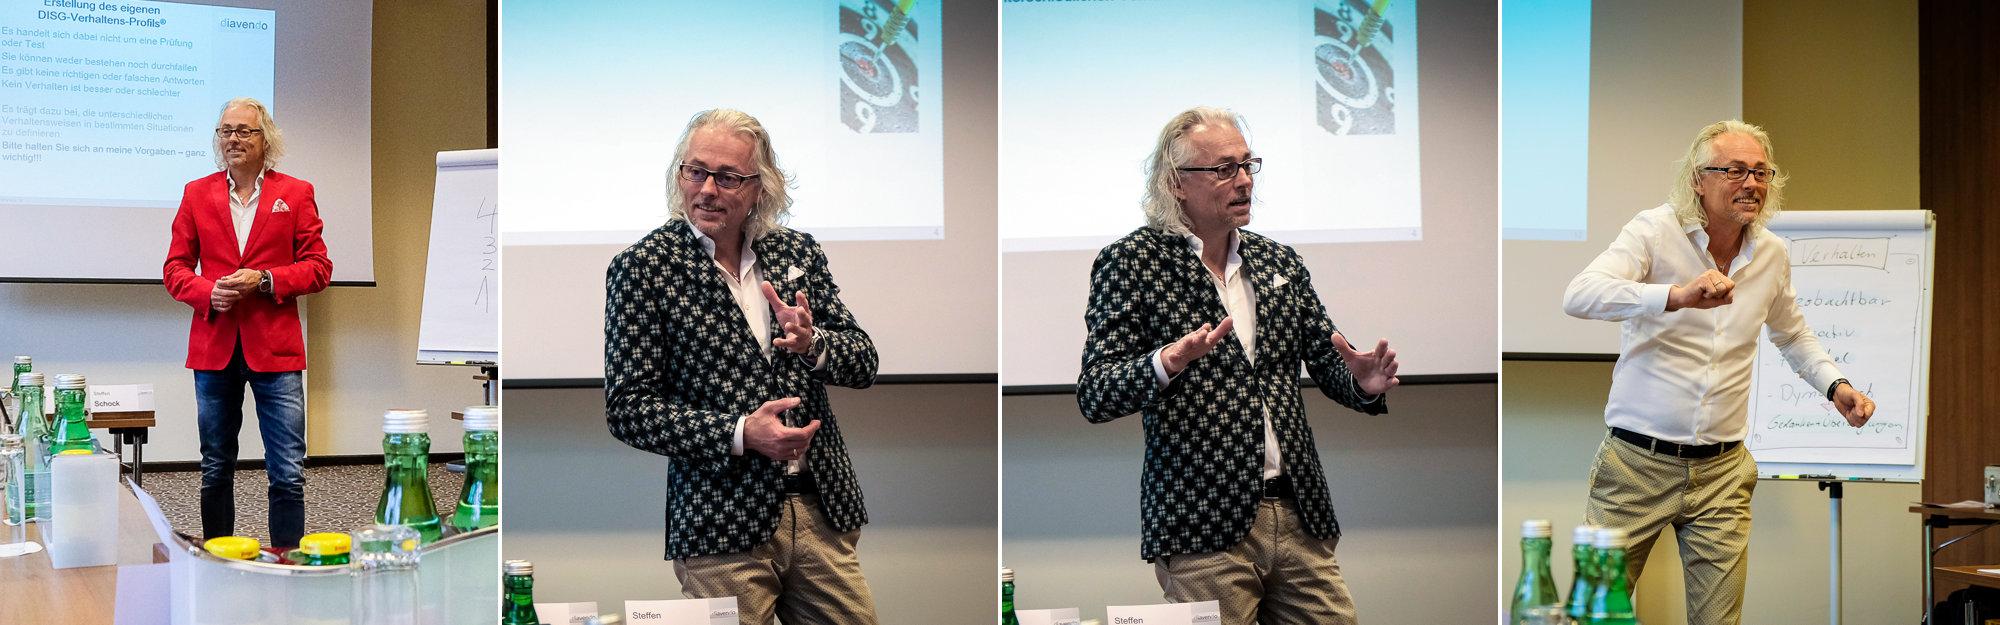 diavendo - Bernhard Patter - Trainer, Coach & Persönlichkeitsentwickler